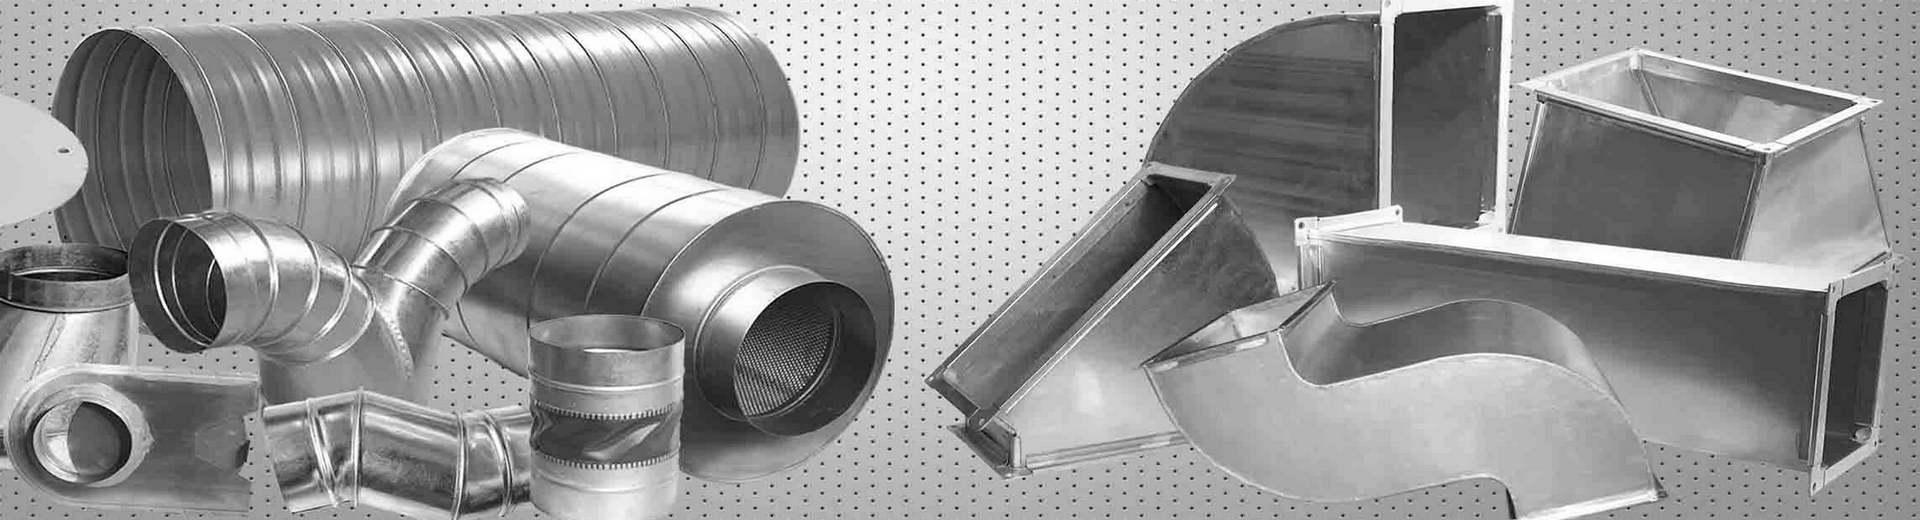 воздуховоды для вентиляции сечение